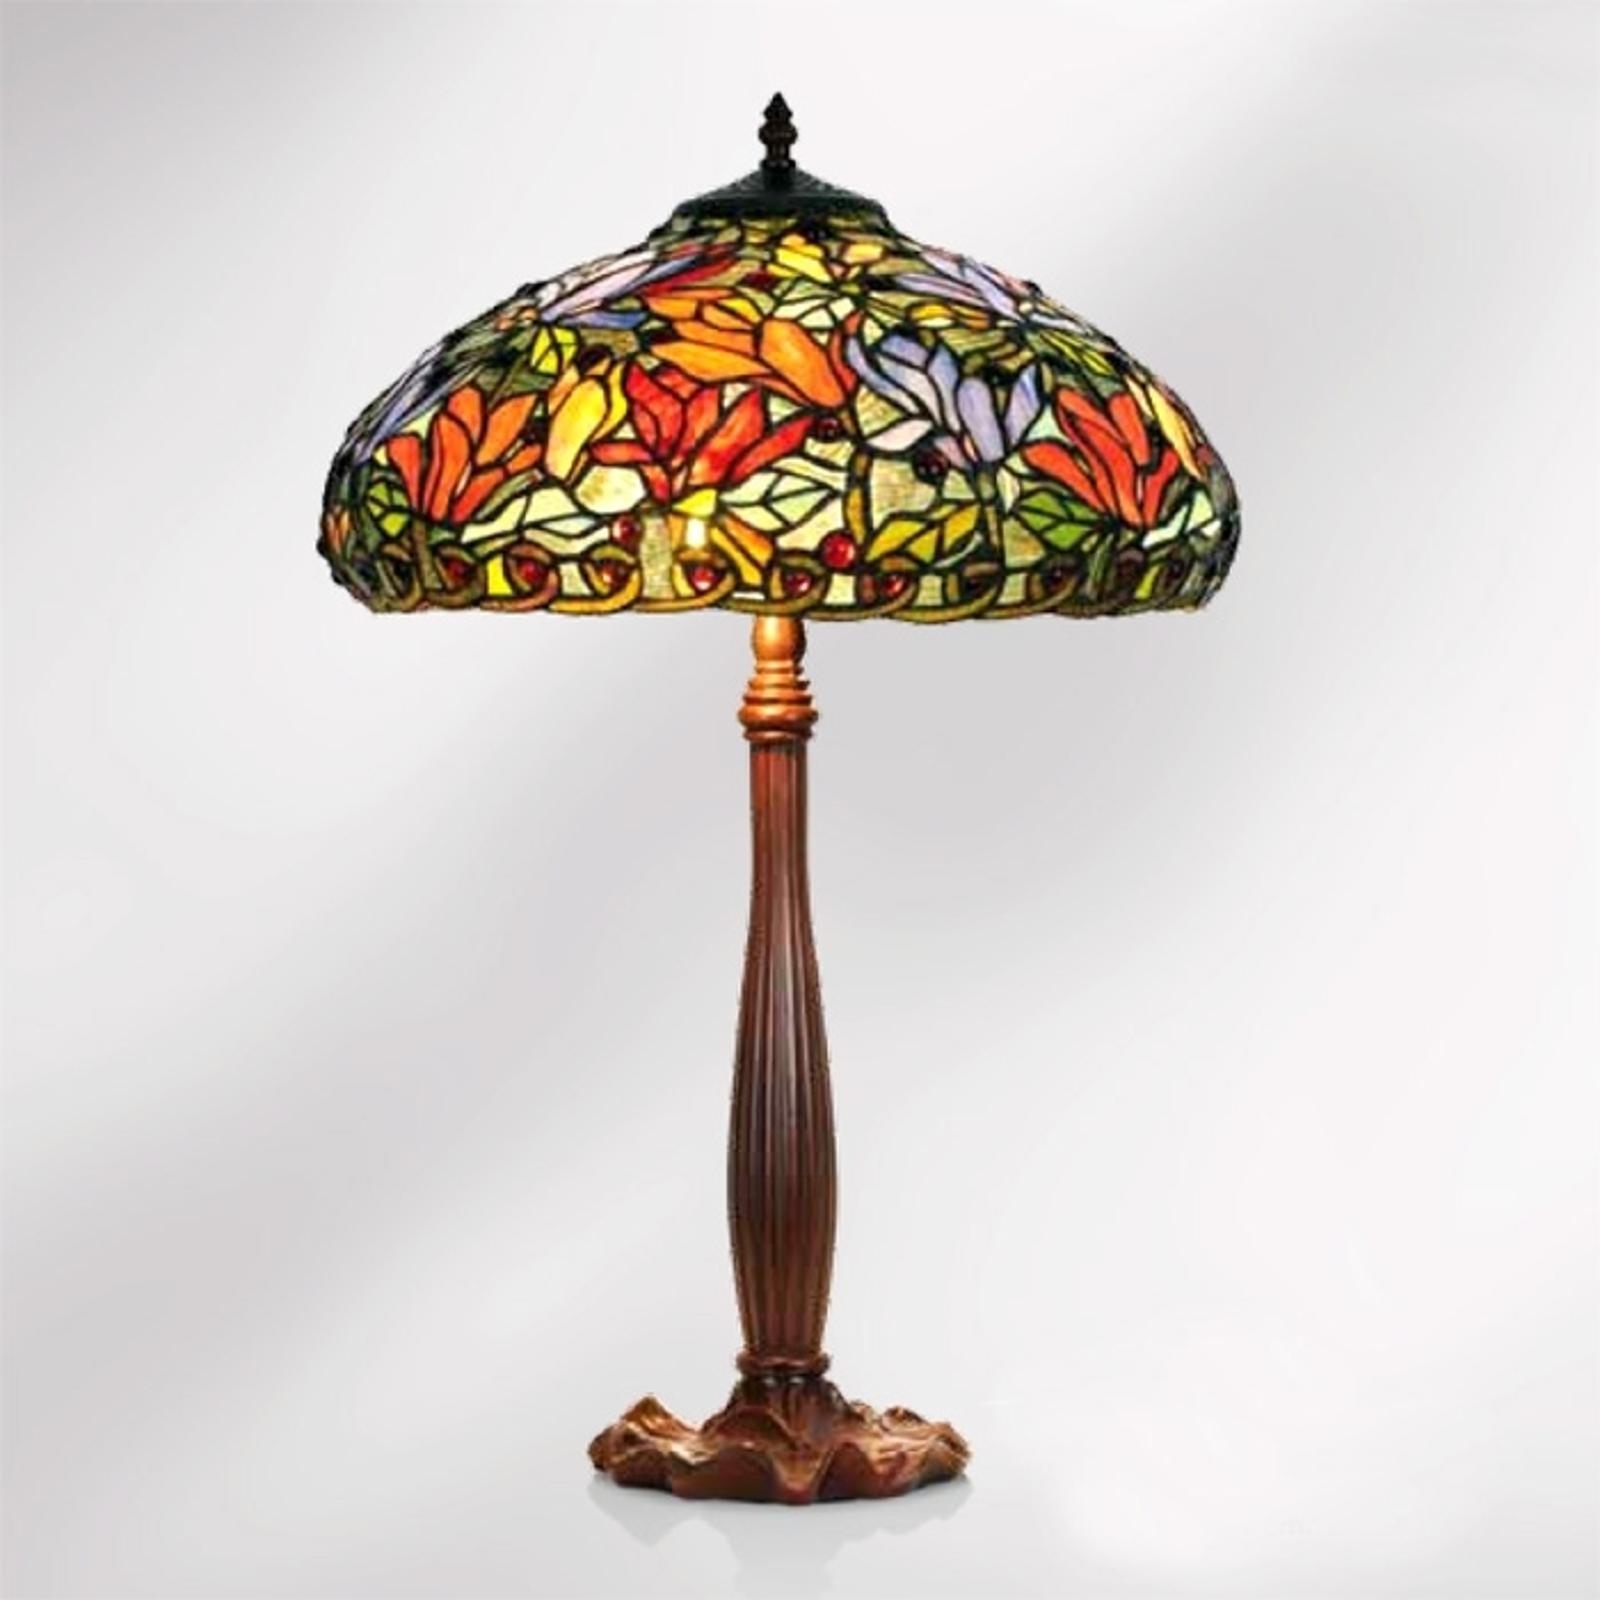 Stolná lampa Elaine v štýle Tiffany, vysoká 64cm_1032253_1